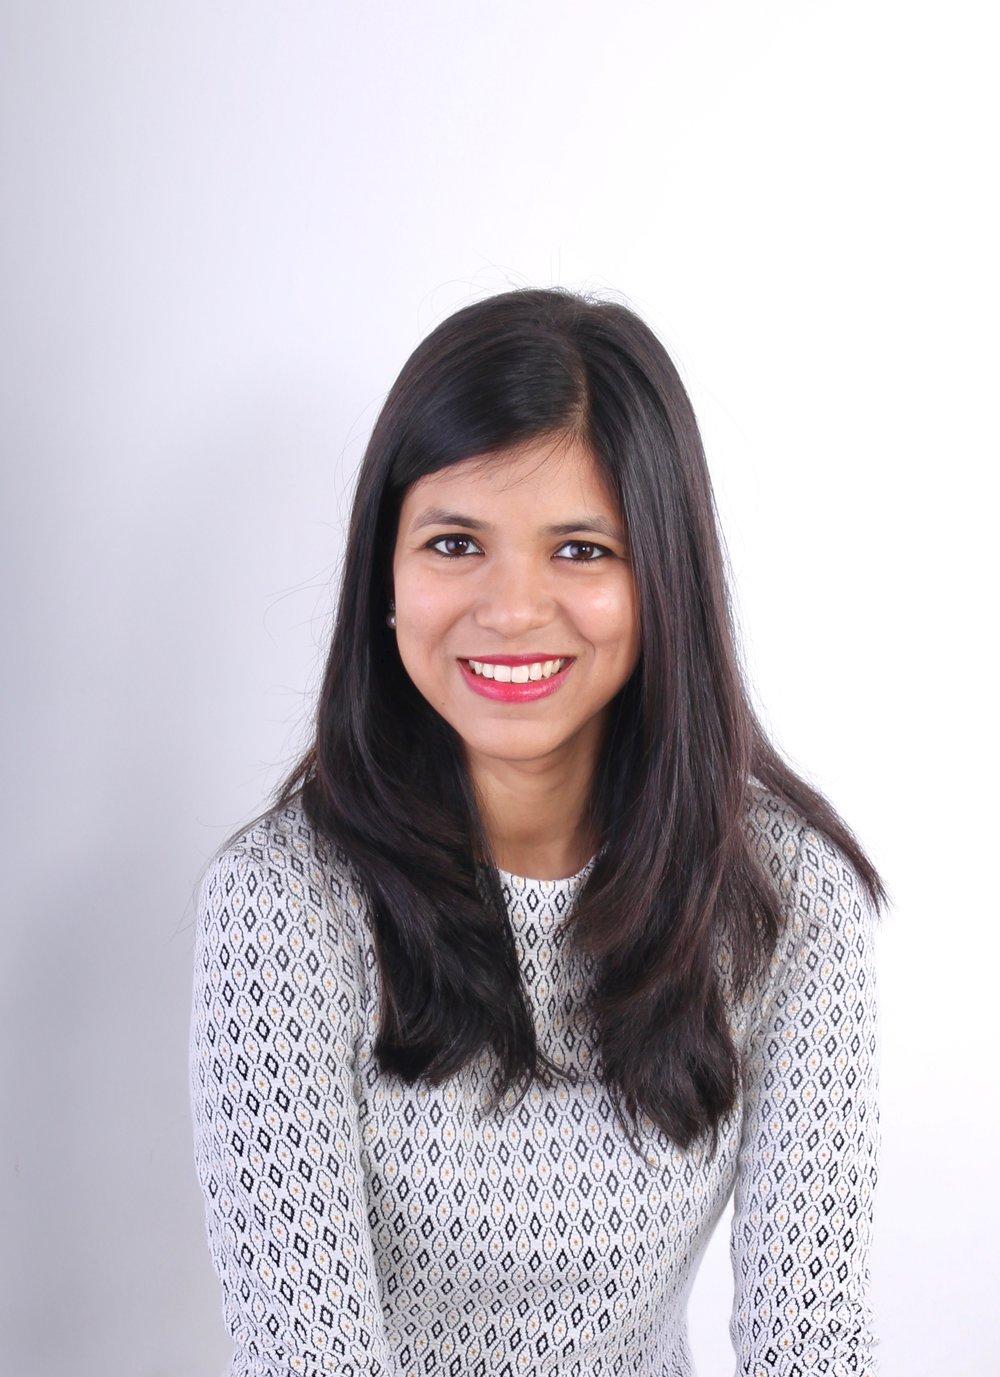 Radhika image 1.jpg